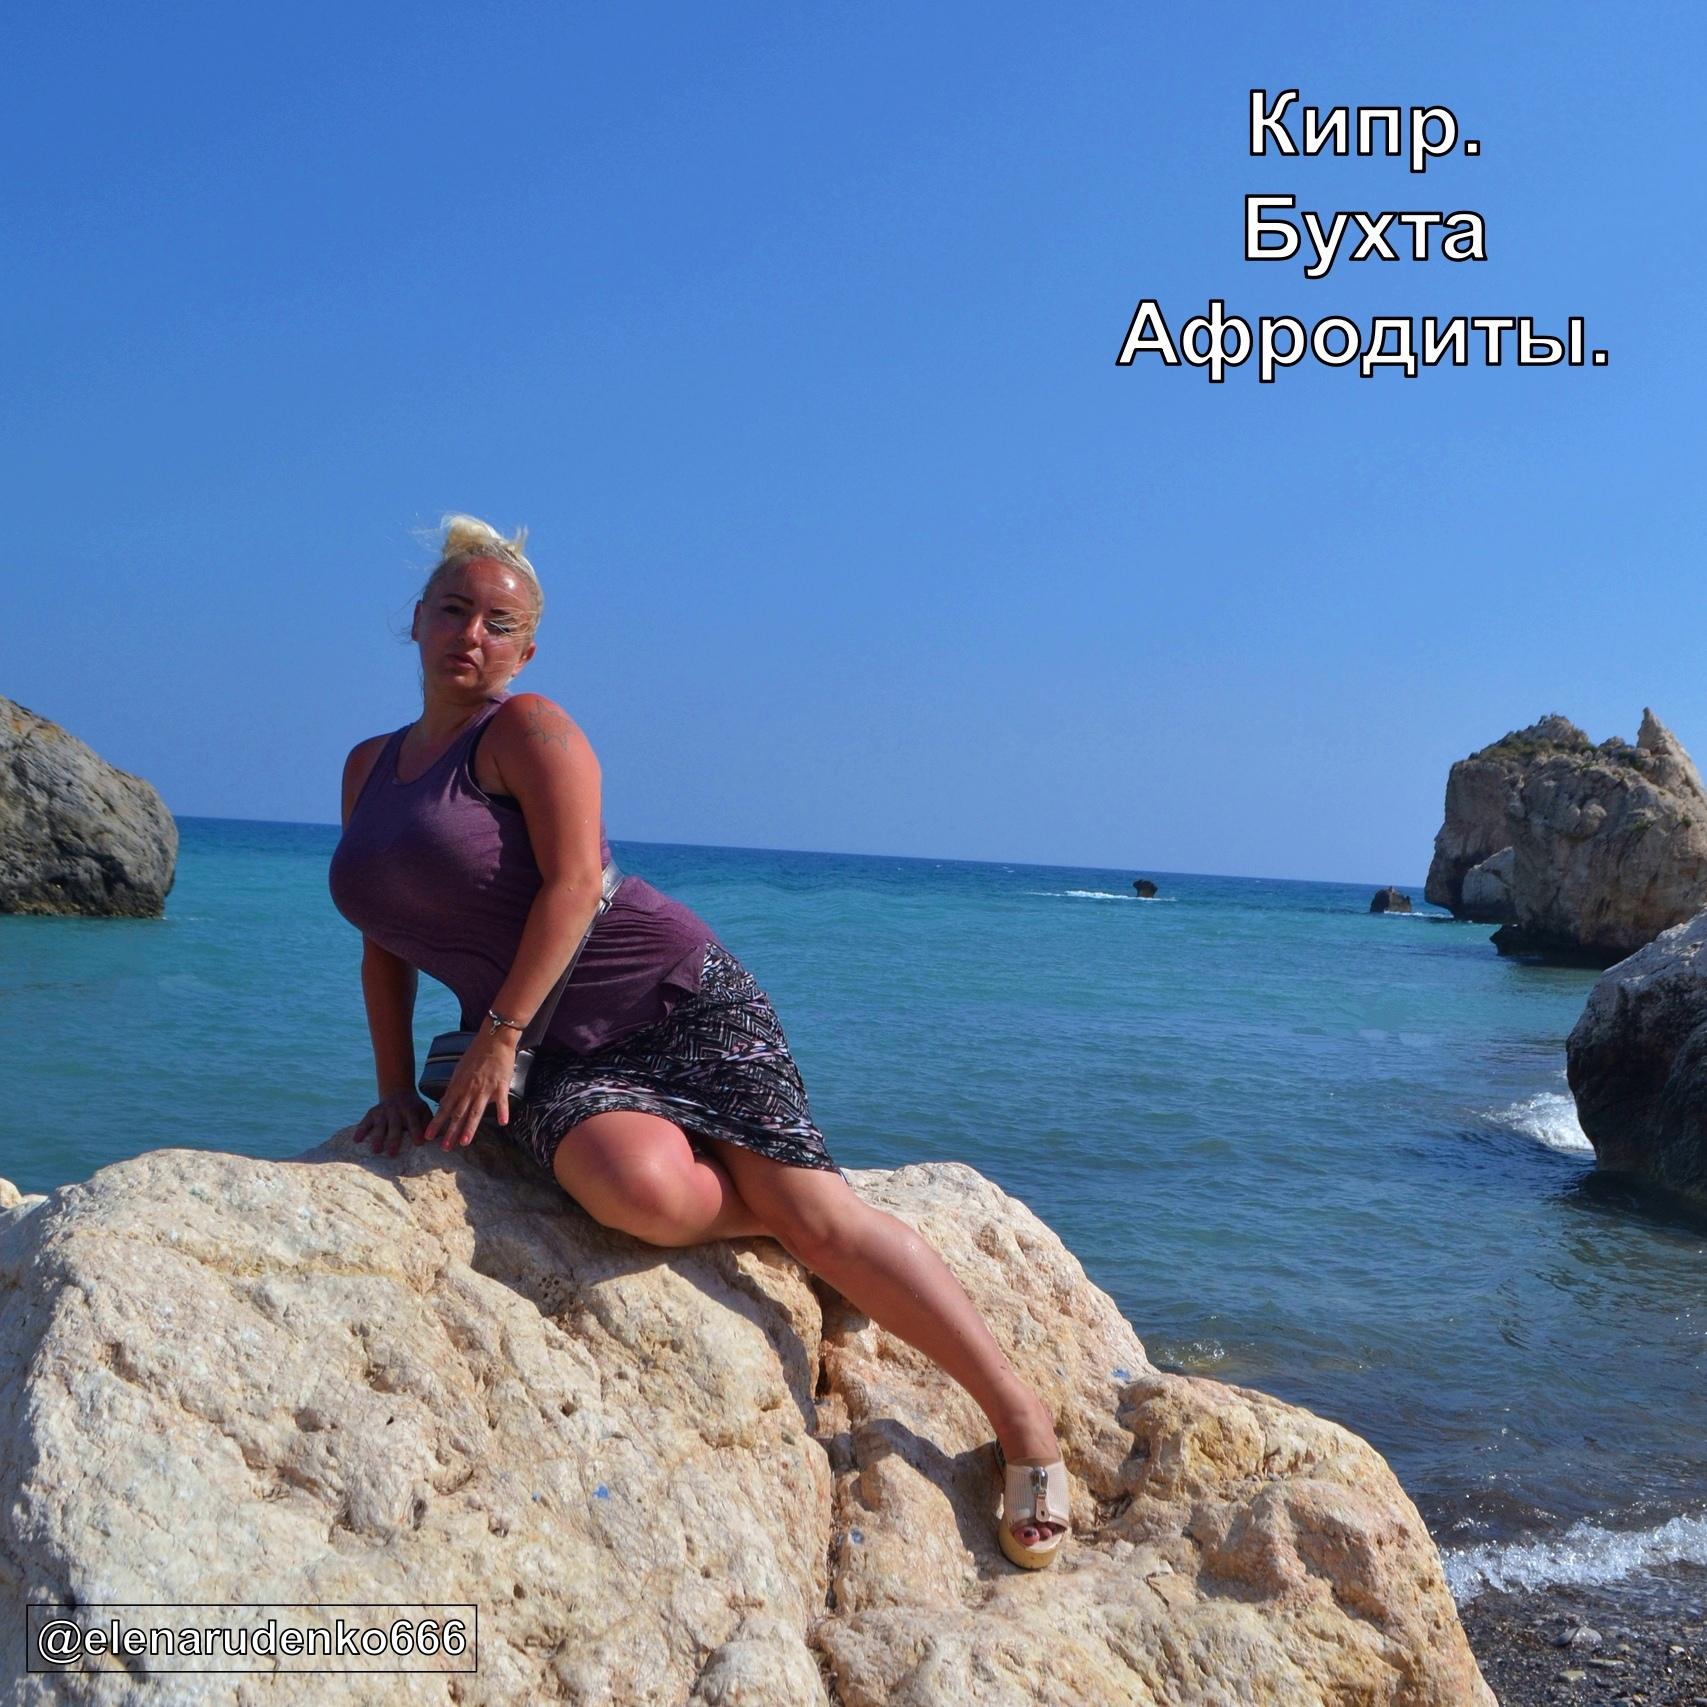 путешествие - Интересные места в которых я побывала (Елена Руденко). 4s52-tuv1y8